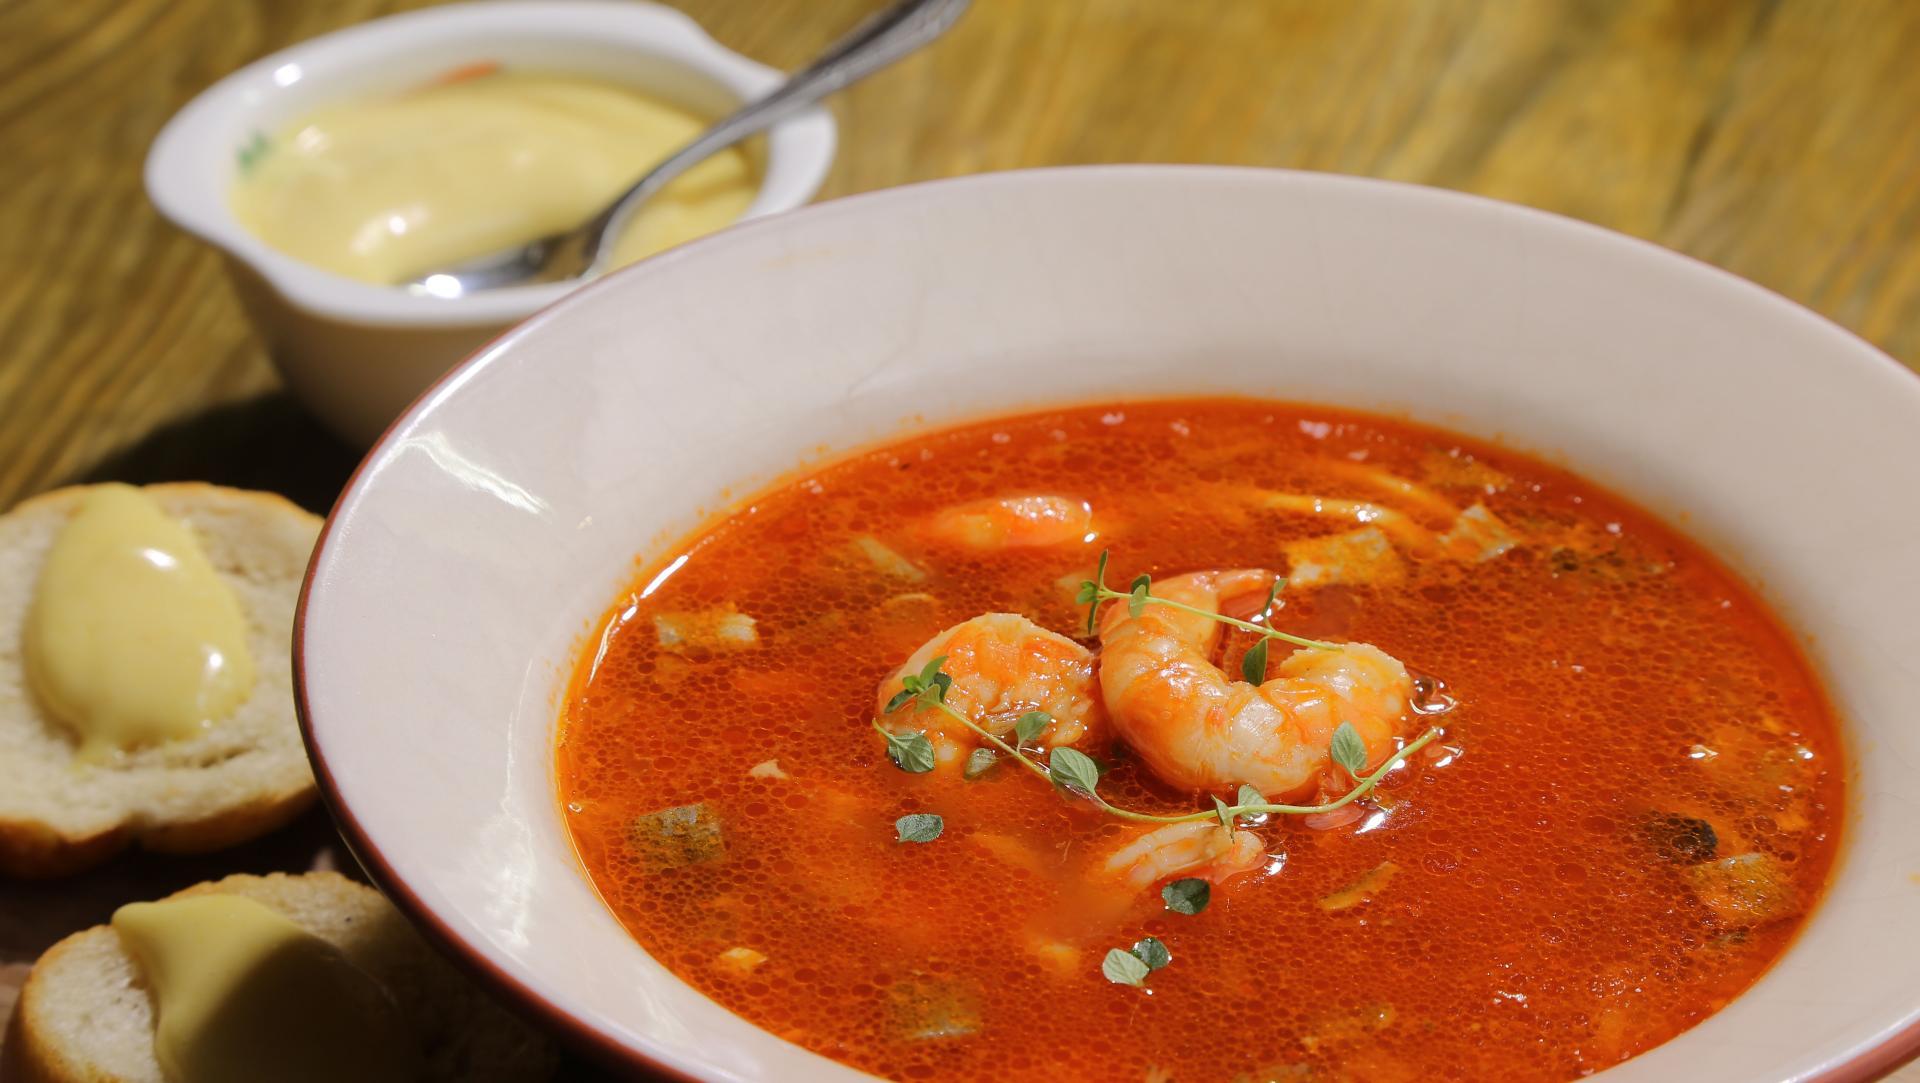 довольно теплый суп буйабес рецепт с фото имеет кольцевые